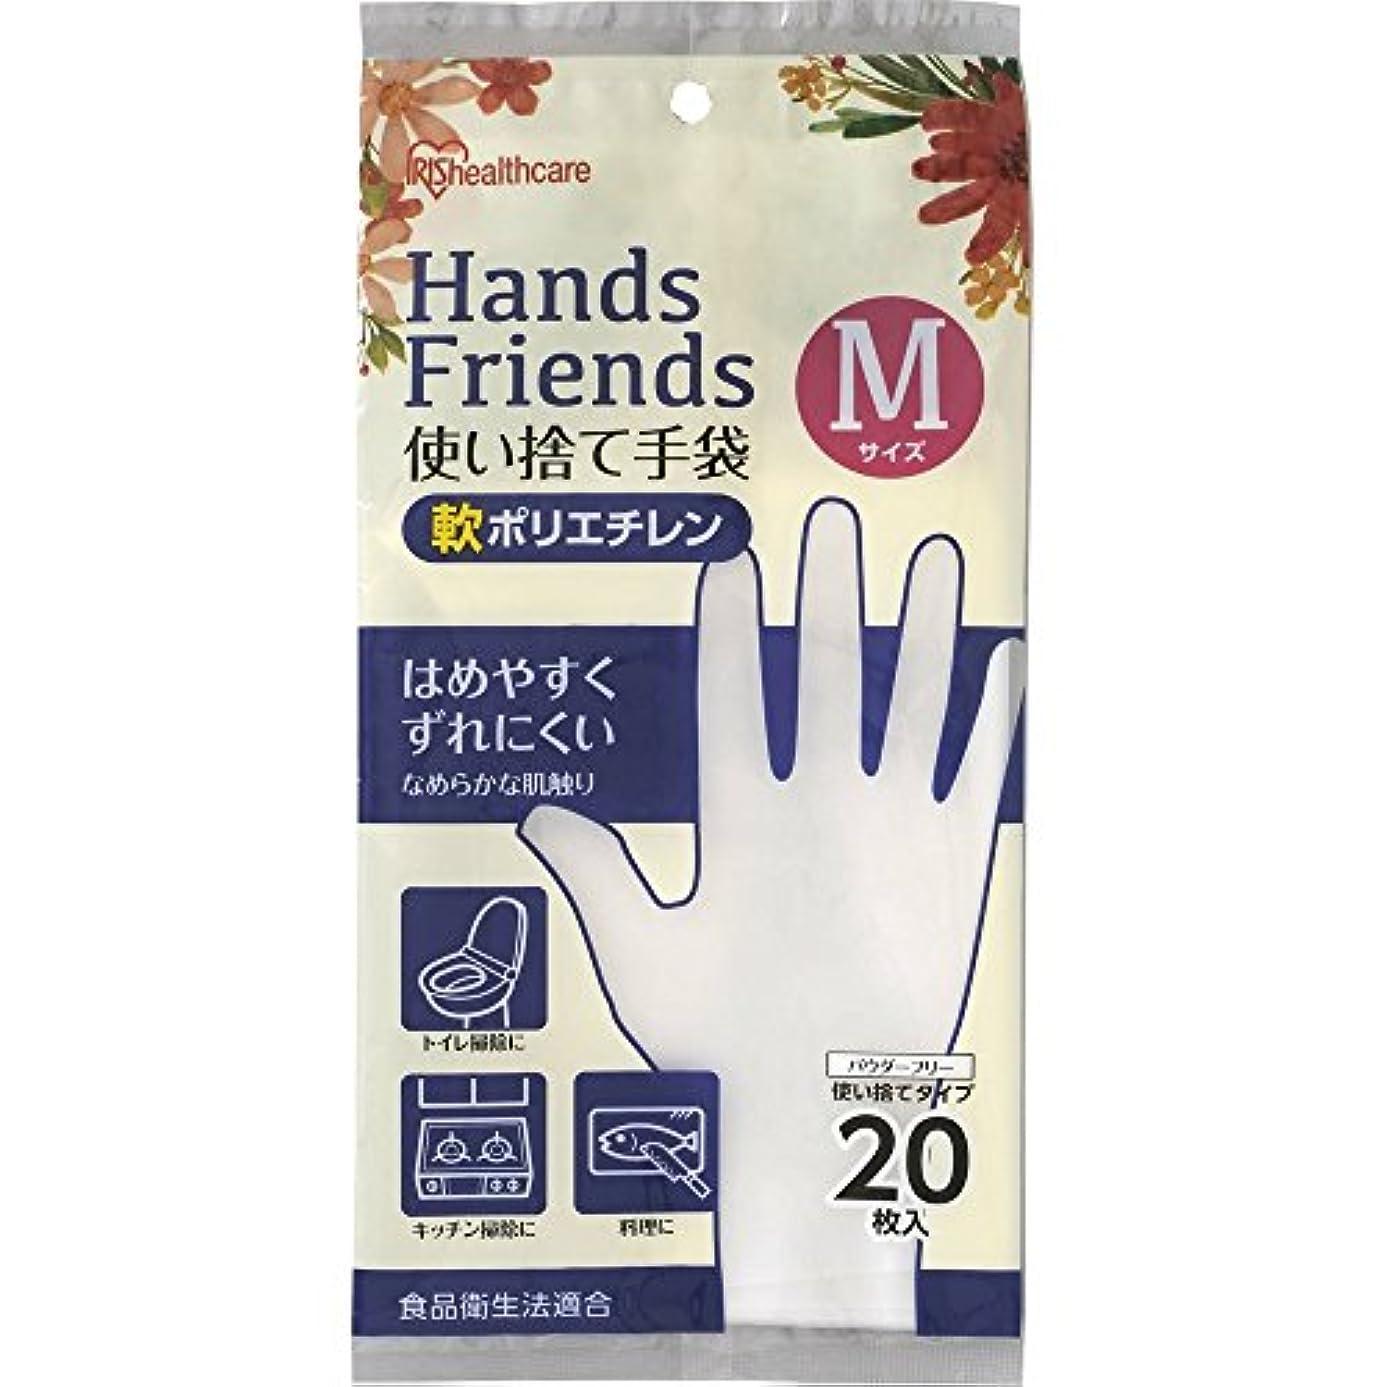 フロンティアエチケットターミナル使い捨て手袋 軟ポリエチレン手袋 Mサイズ 粉なし パウダーフリー クリア 20枚入